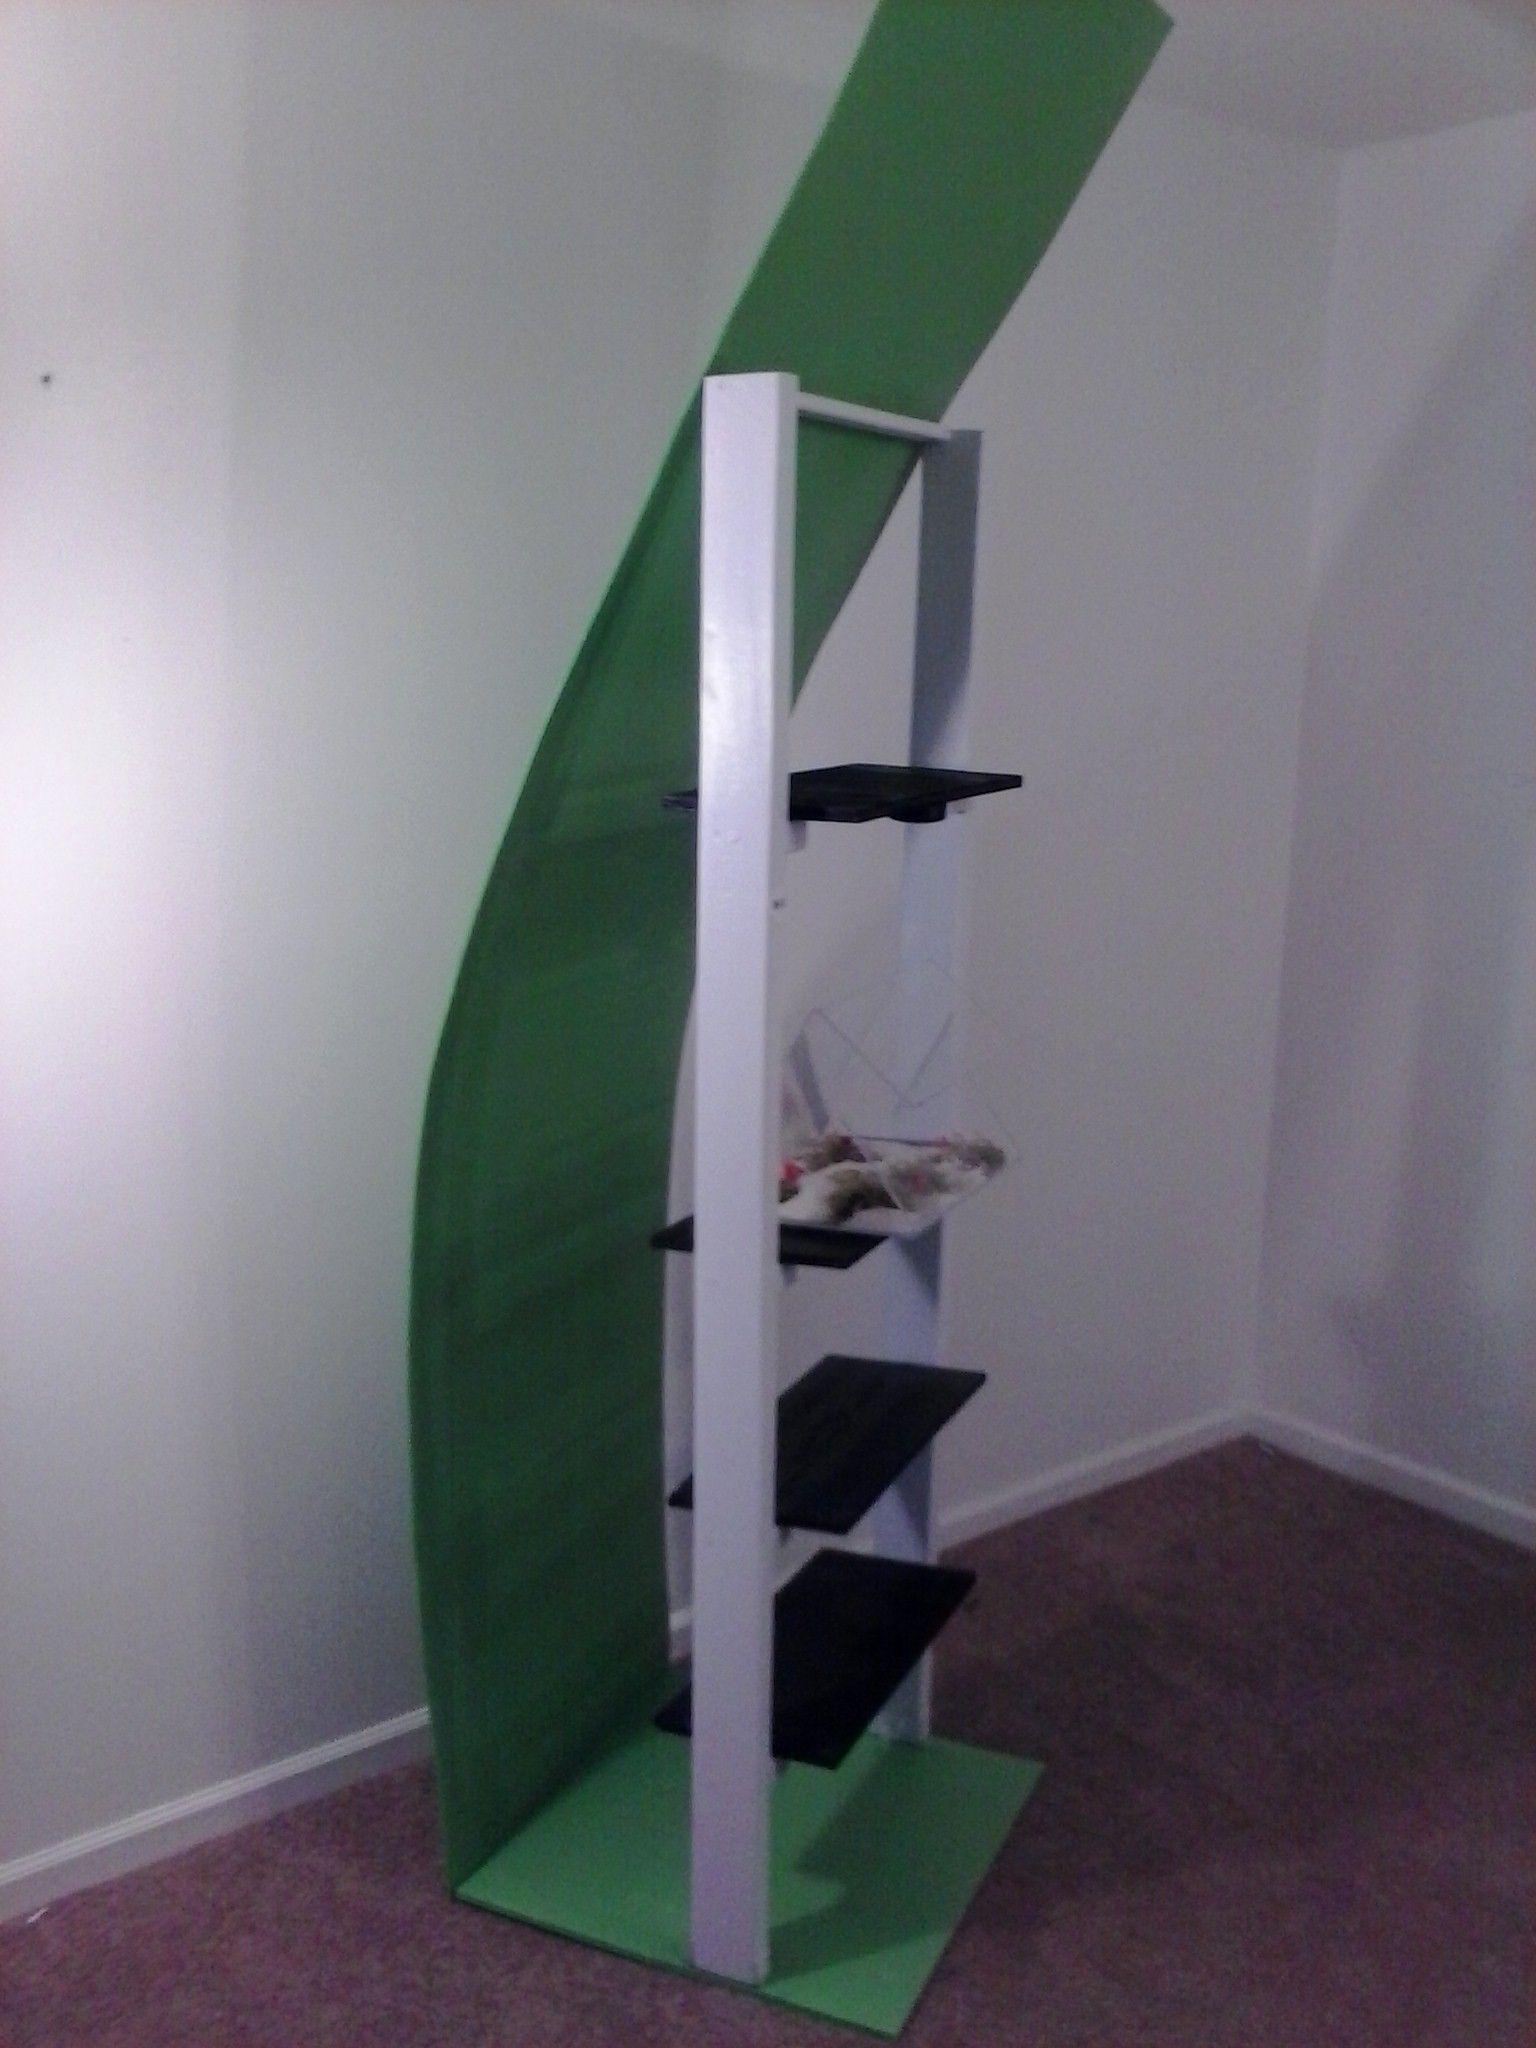 Reptile terrarium bookcase sold in multiple colors and habitat